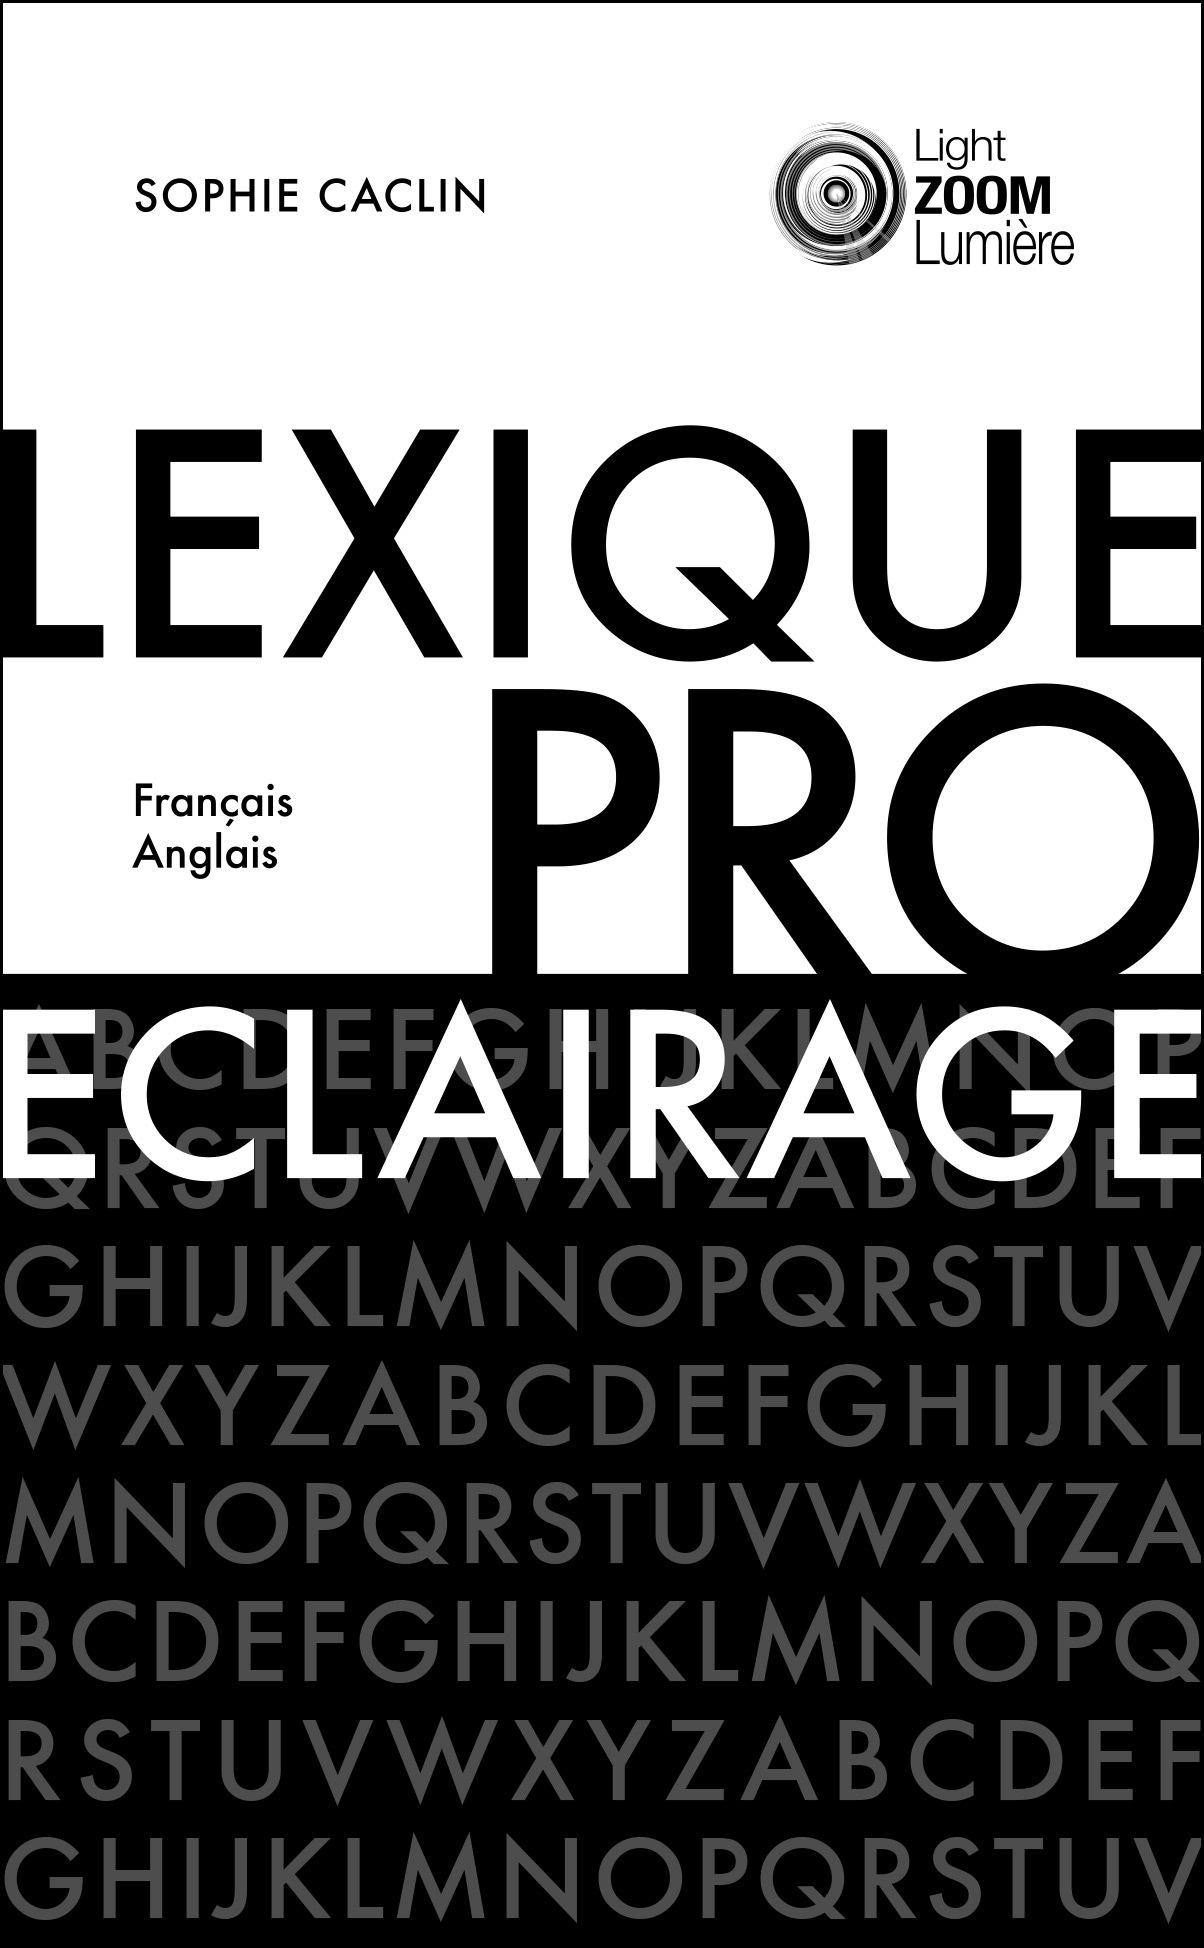 LEXIQUE DE L ECLAIRAGE PROFESSIONNEL  PROFESSIONAL LIGHTING LEXICON